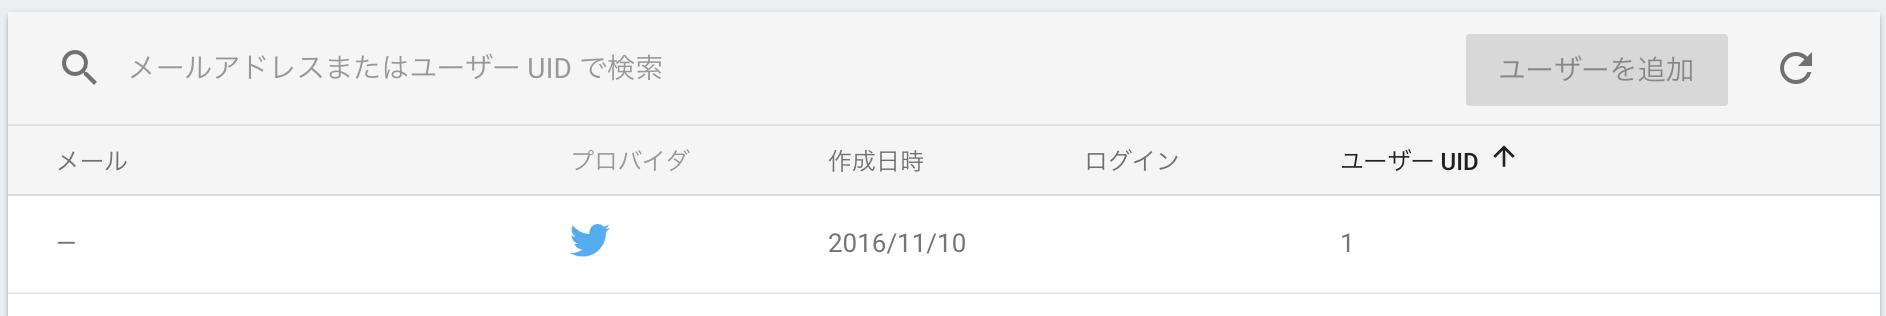 スクリーンショット 2016-11-10 18.40.39.png